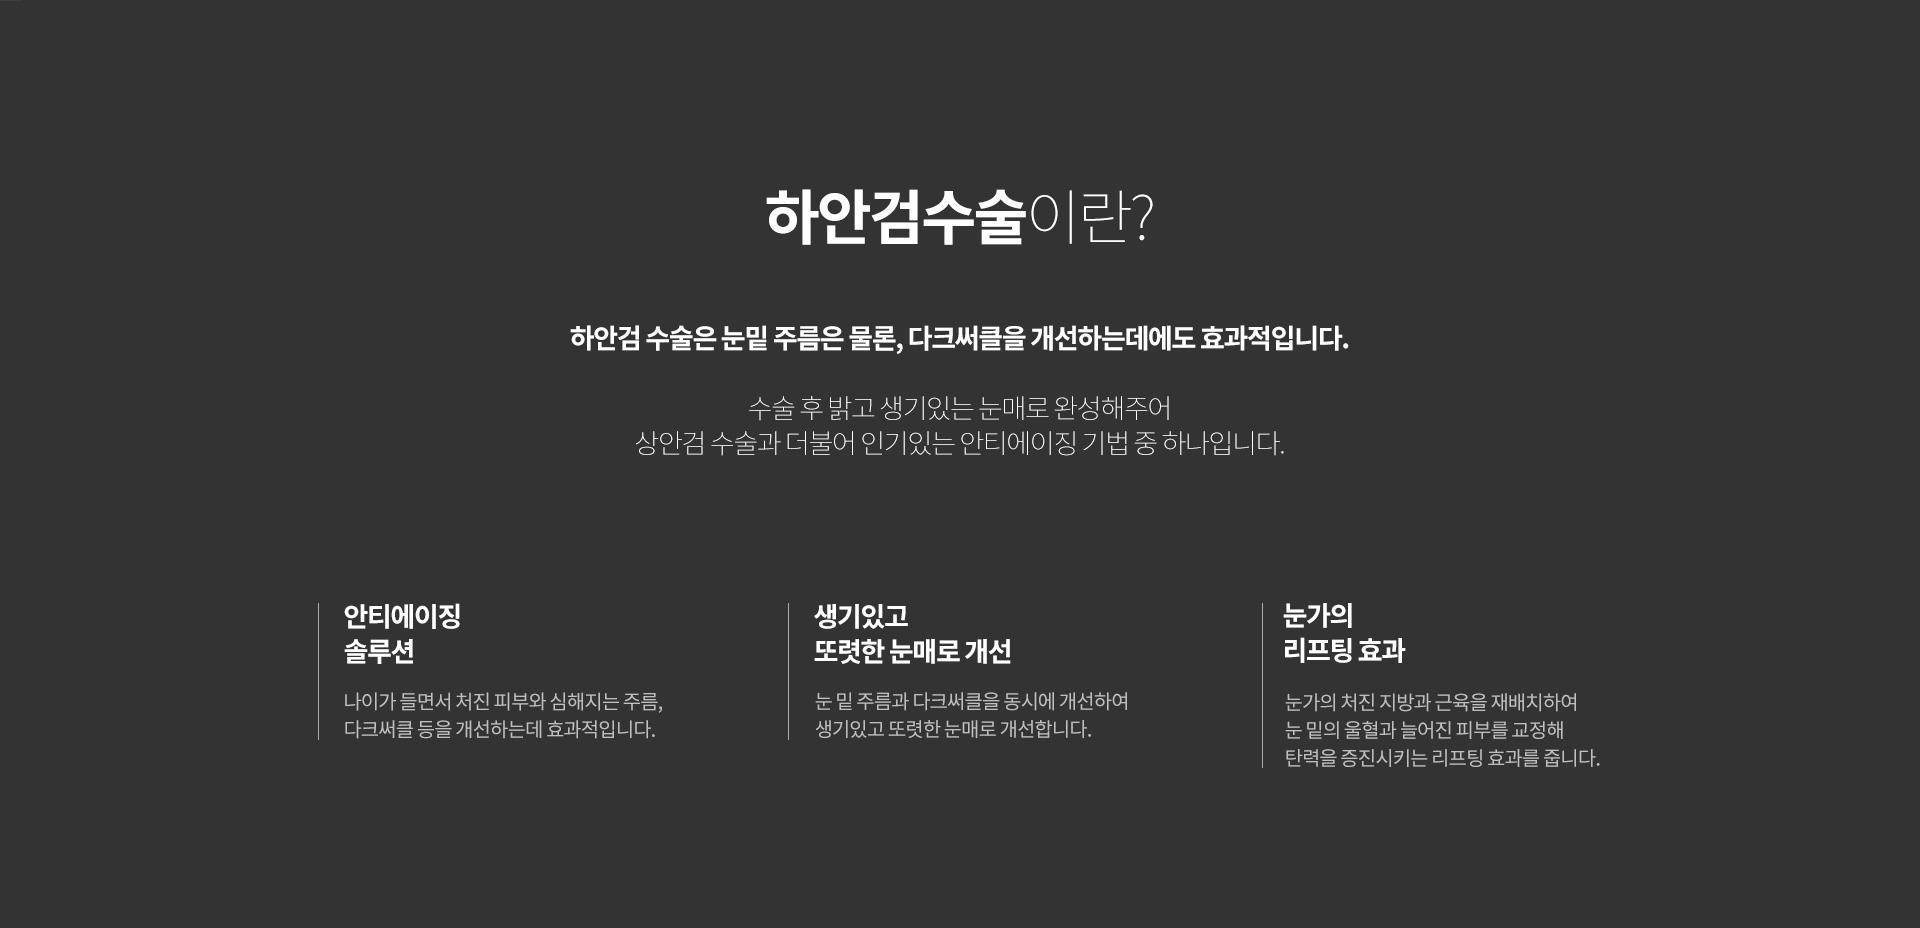 상하안검 03